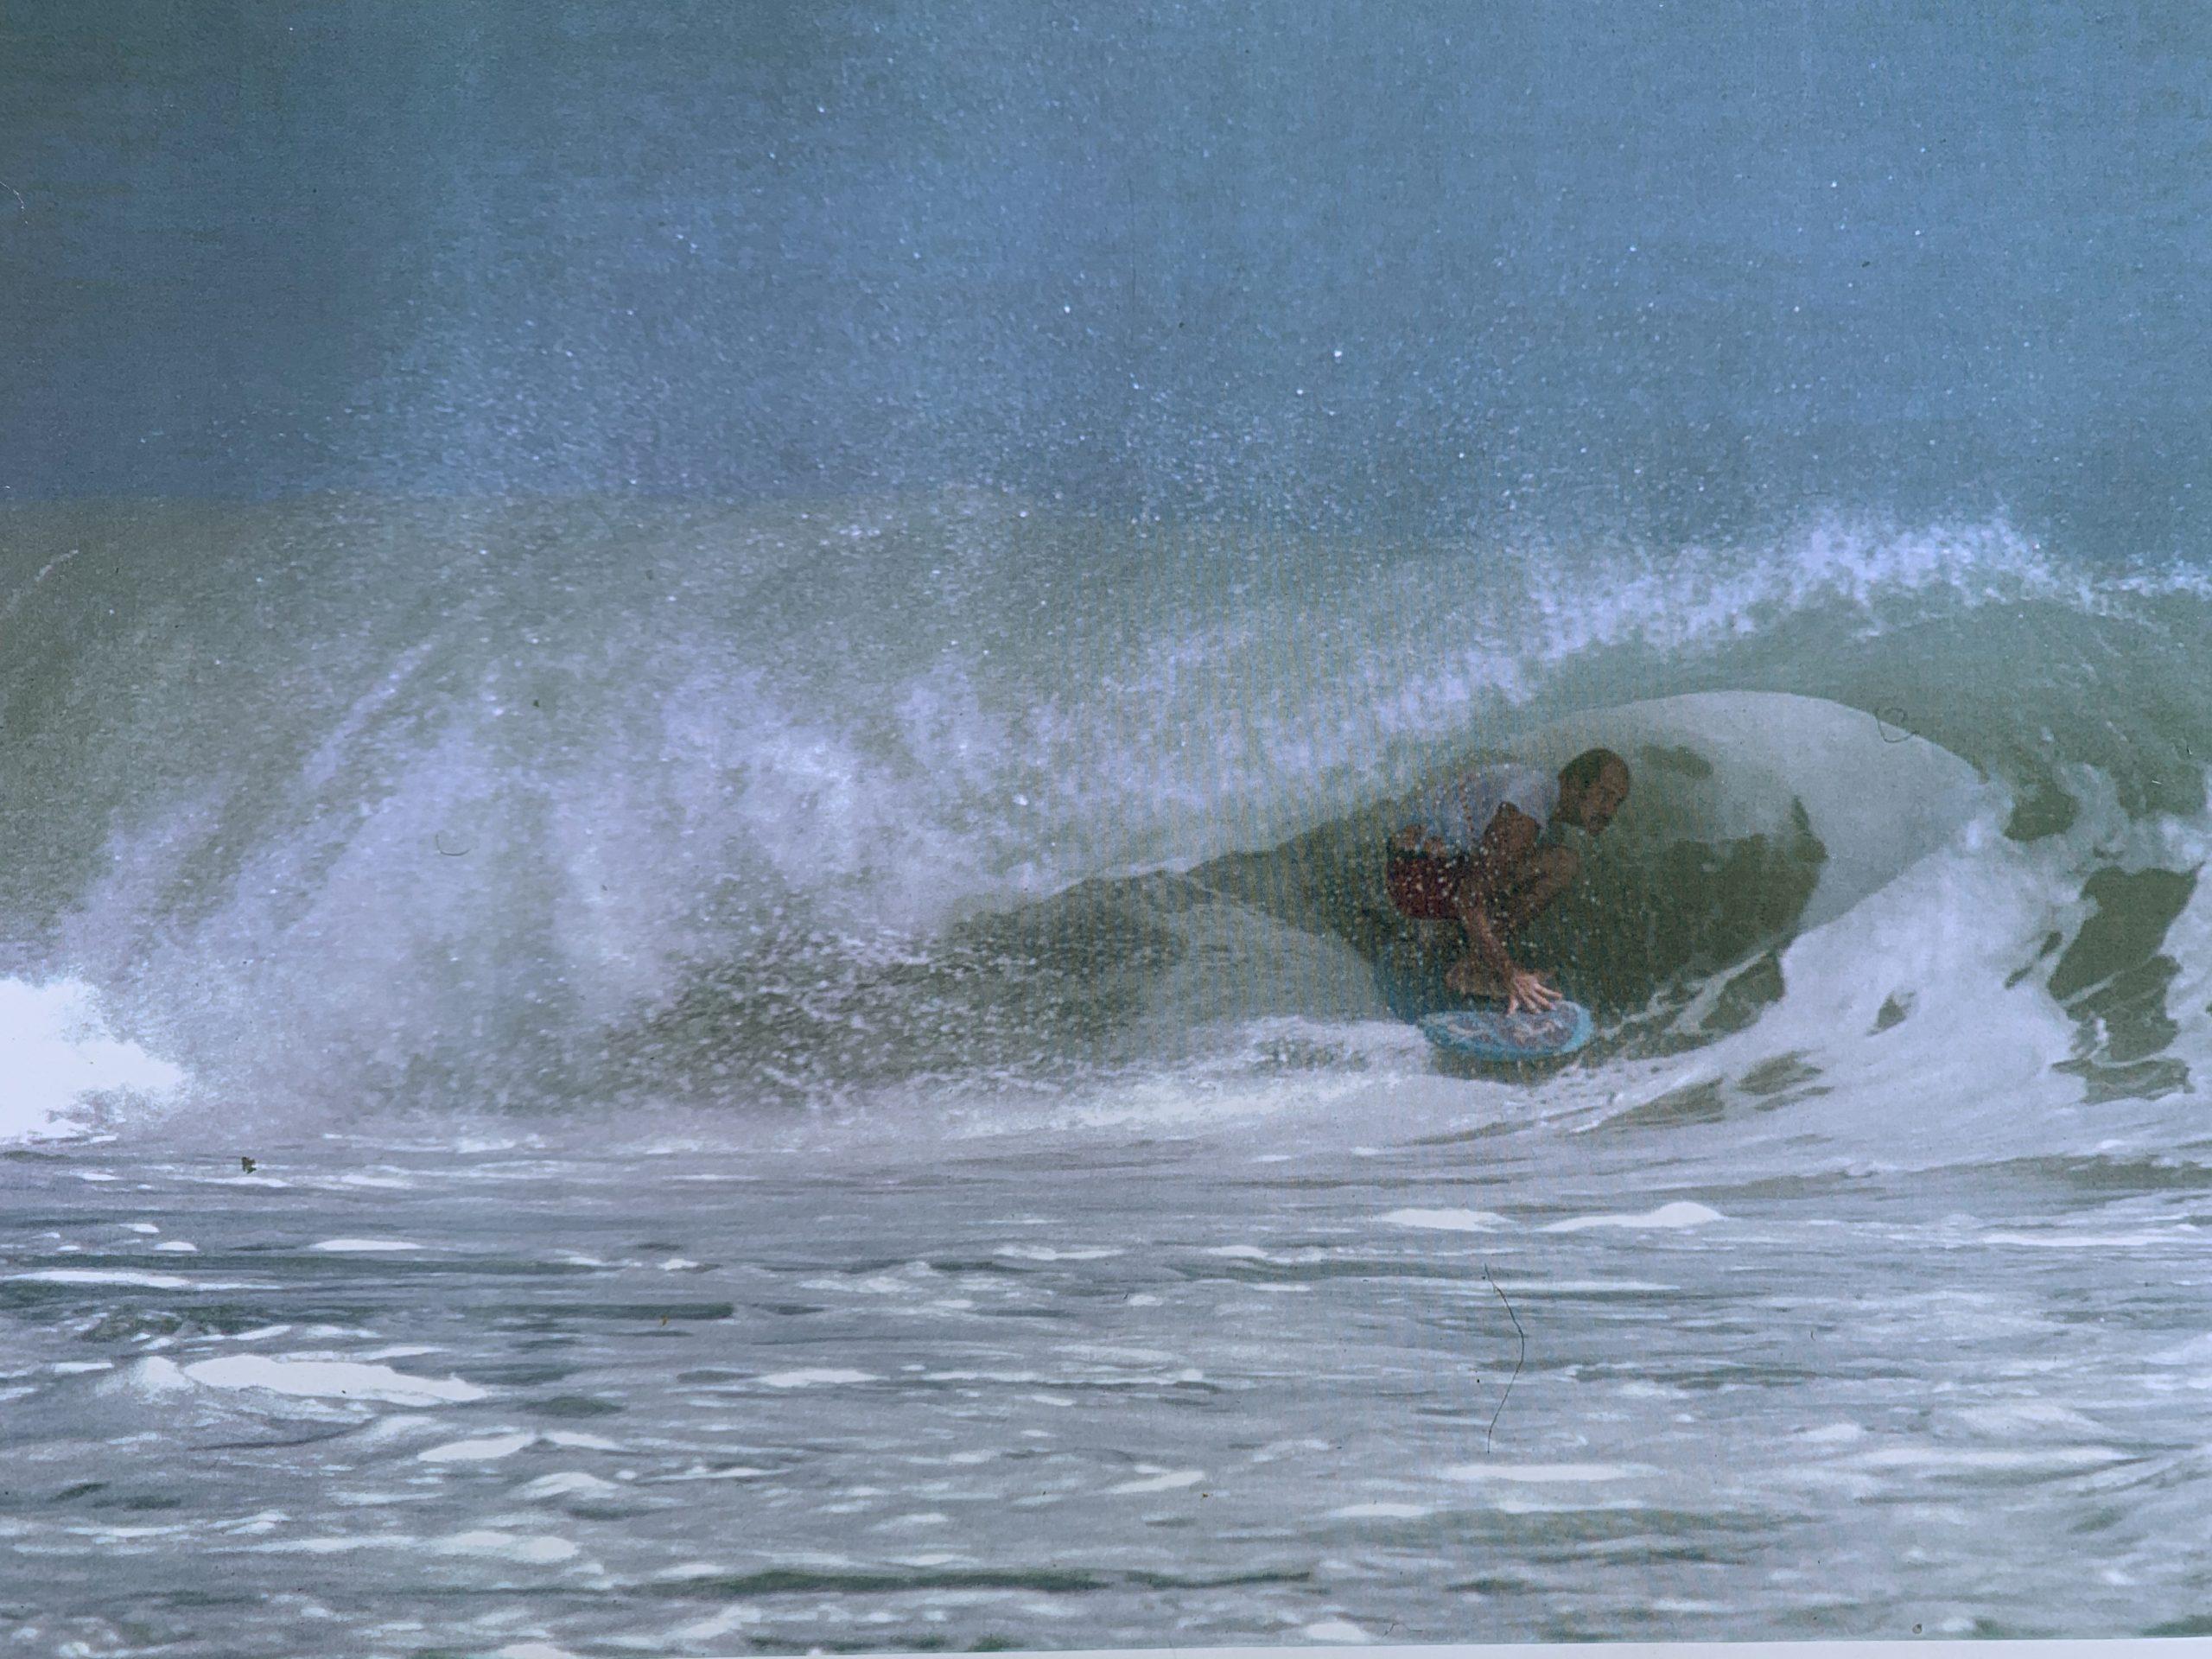 Dennis Hollenbeck, Seahorse, Vero Beach Florida